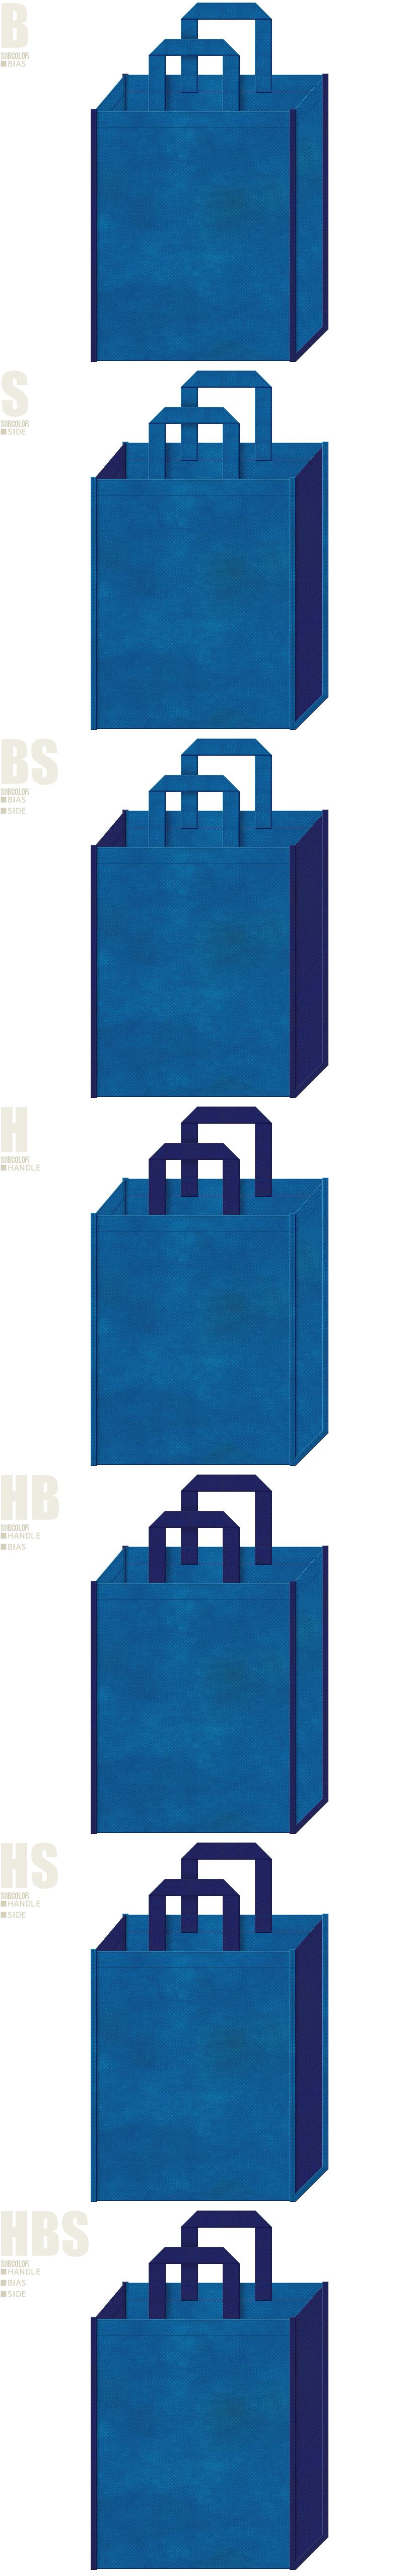 青魚・DHA・ダイビング・潜水艦・水族館・LED・IOT・センサー・人工知能・電子部品・情報セキュリティ・ドライブレコーダー・防犯カメラ・セキュリティの展示会用バッグにお奨めの不織布バッグデザイン:青色と明るい紺色の配色7パターン